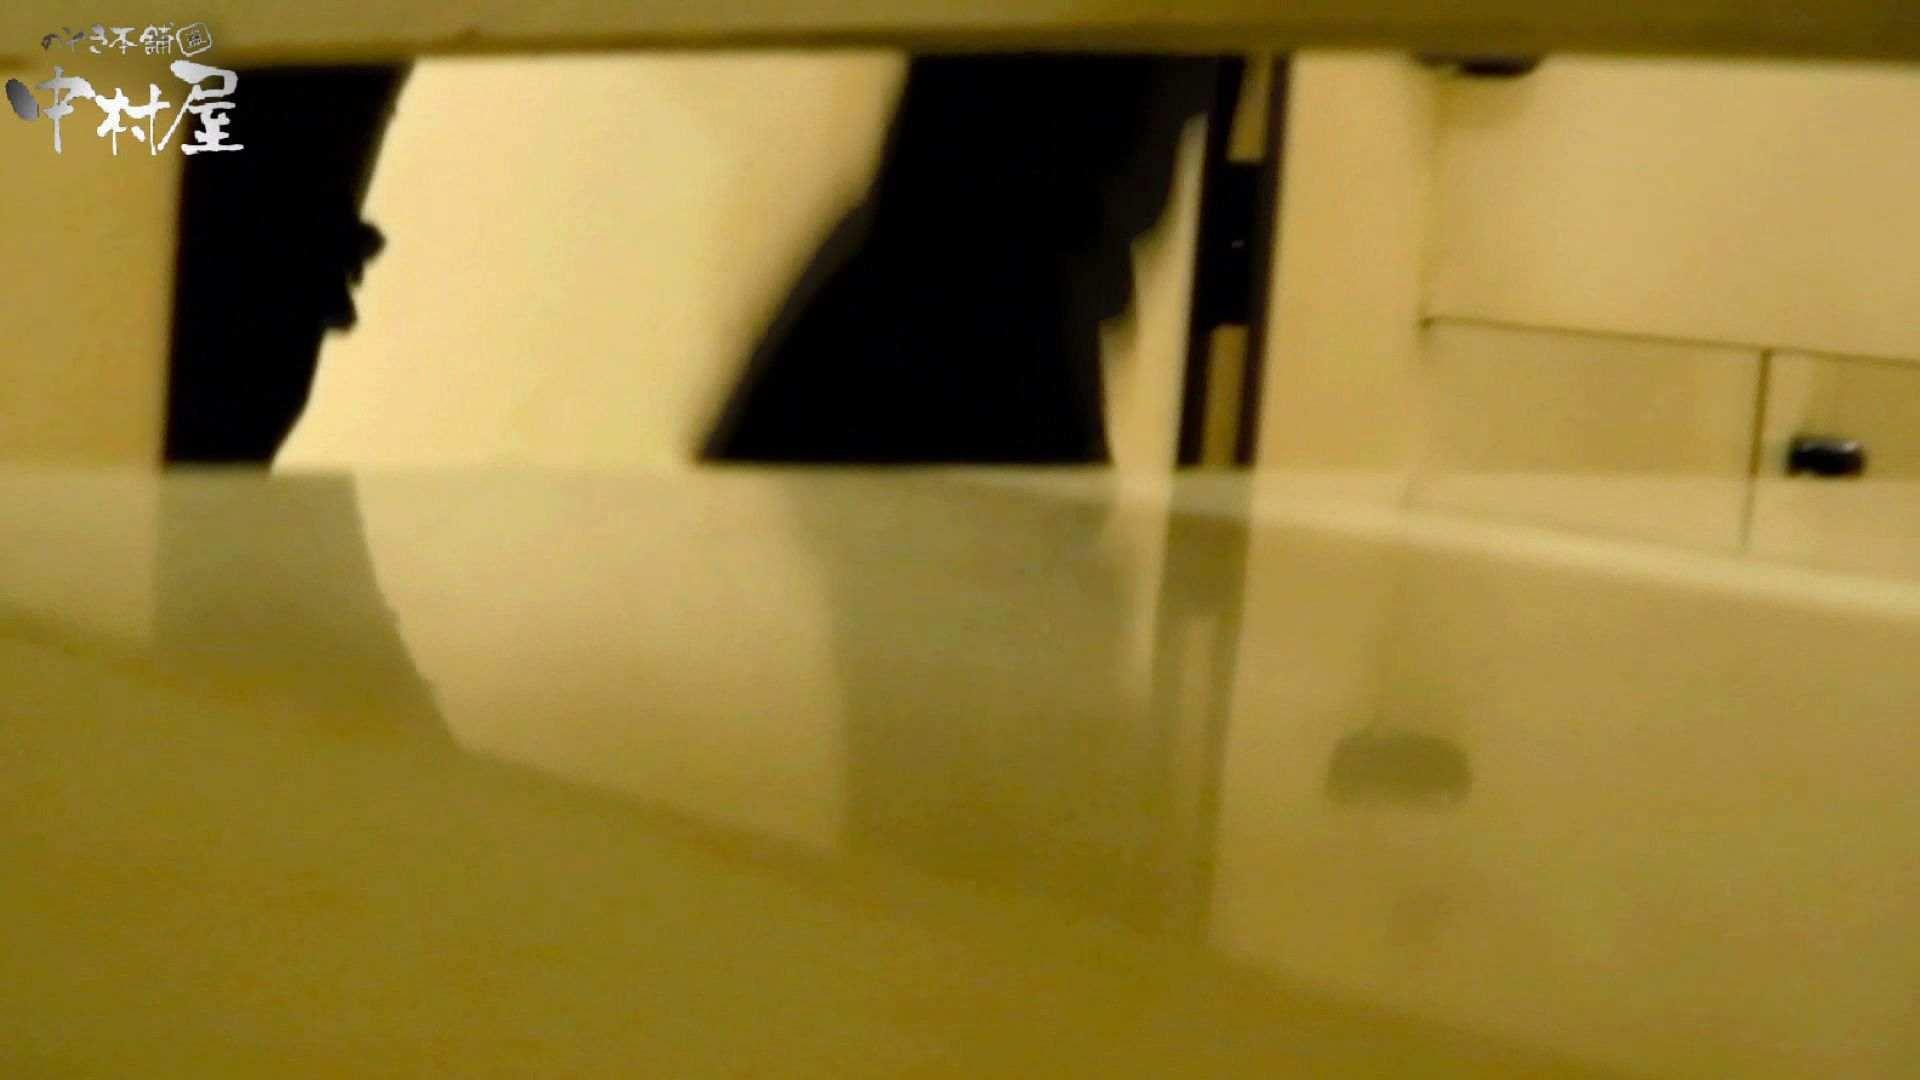 新世界の射窓 No72 モデル級なら個室から飛び出て追っかけます 洗面所   0  99画像 59